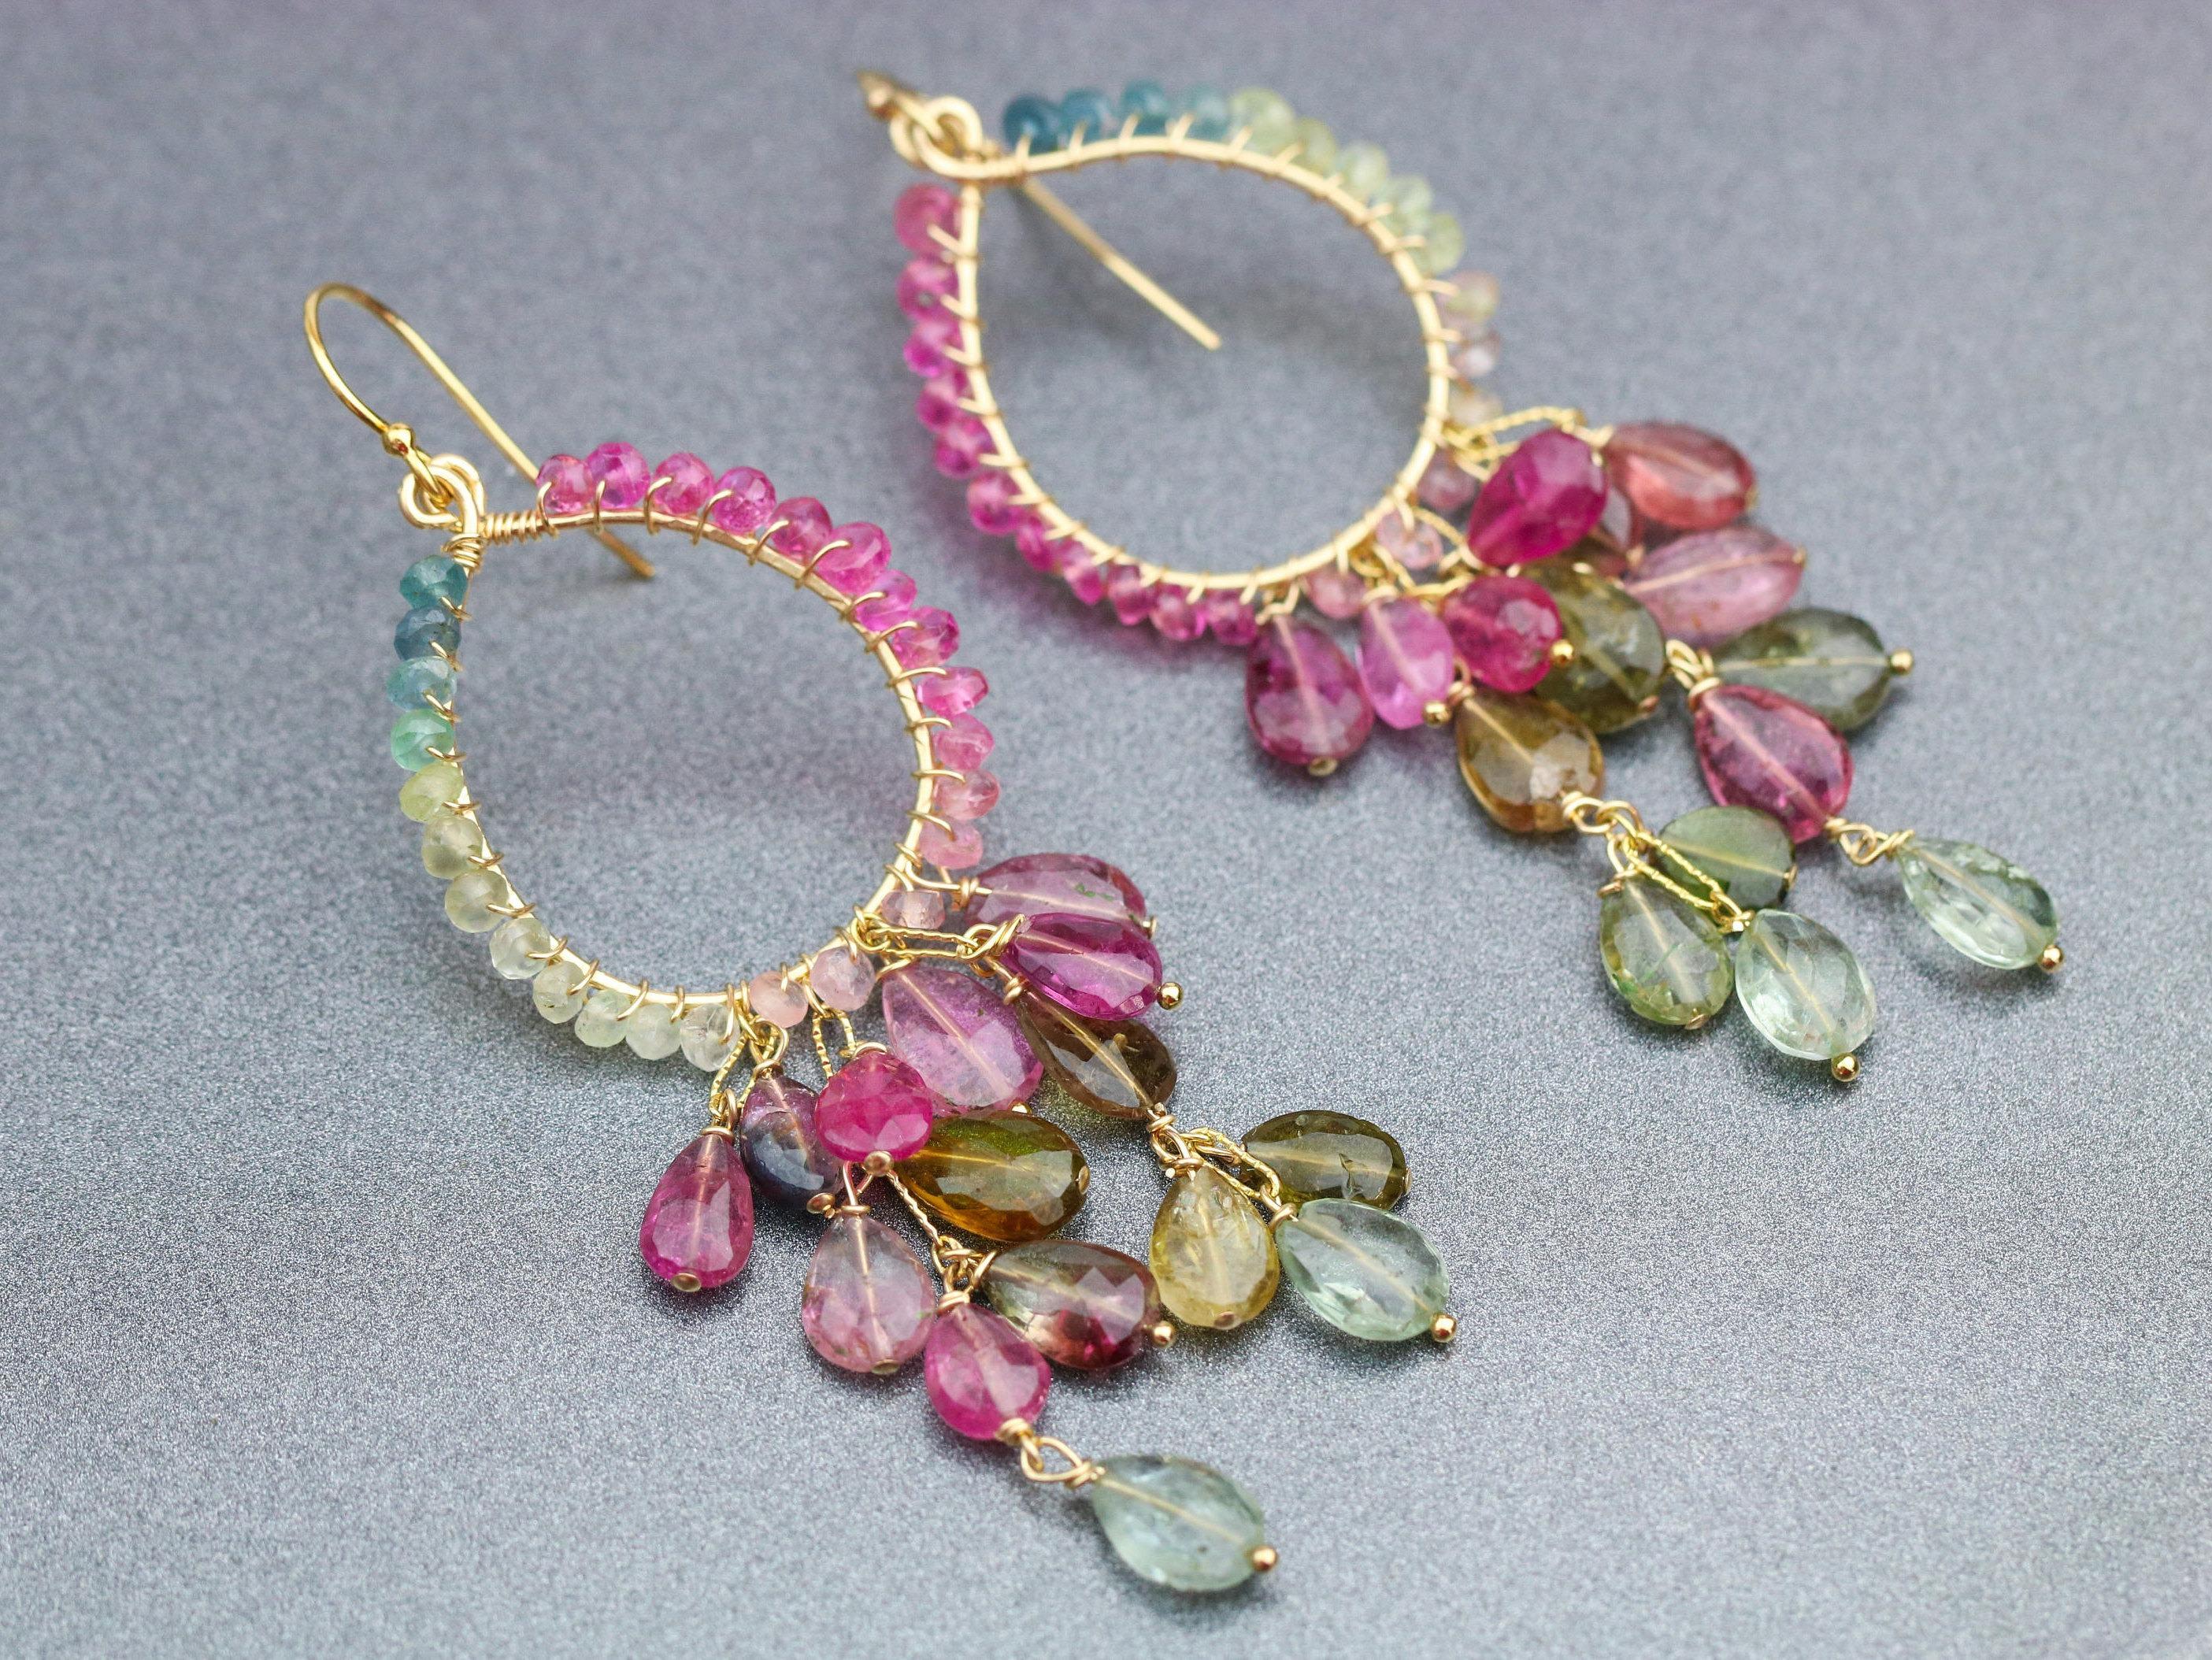 Watermelon Tourmaline Chandelier Earrings in Gold Filled - Valltasy